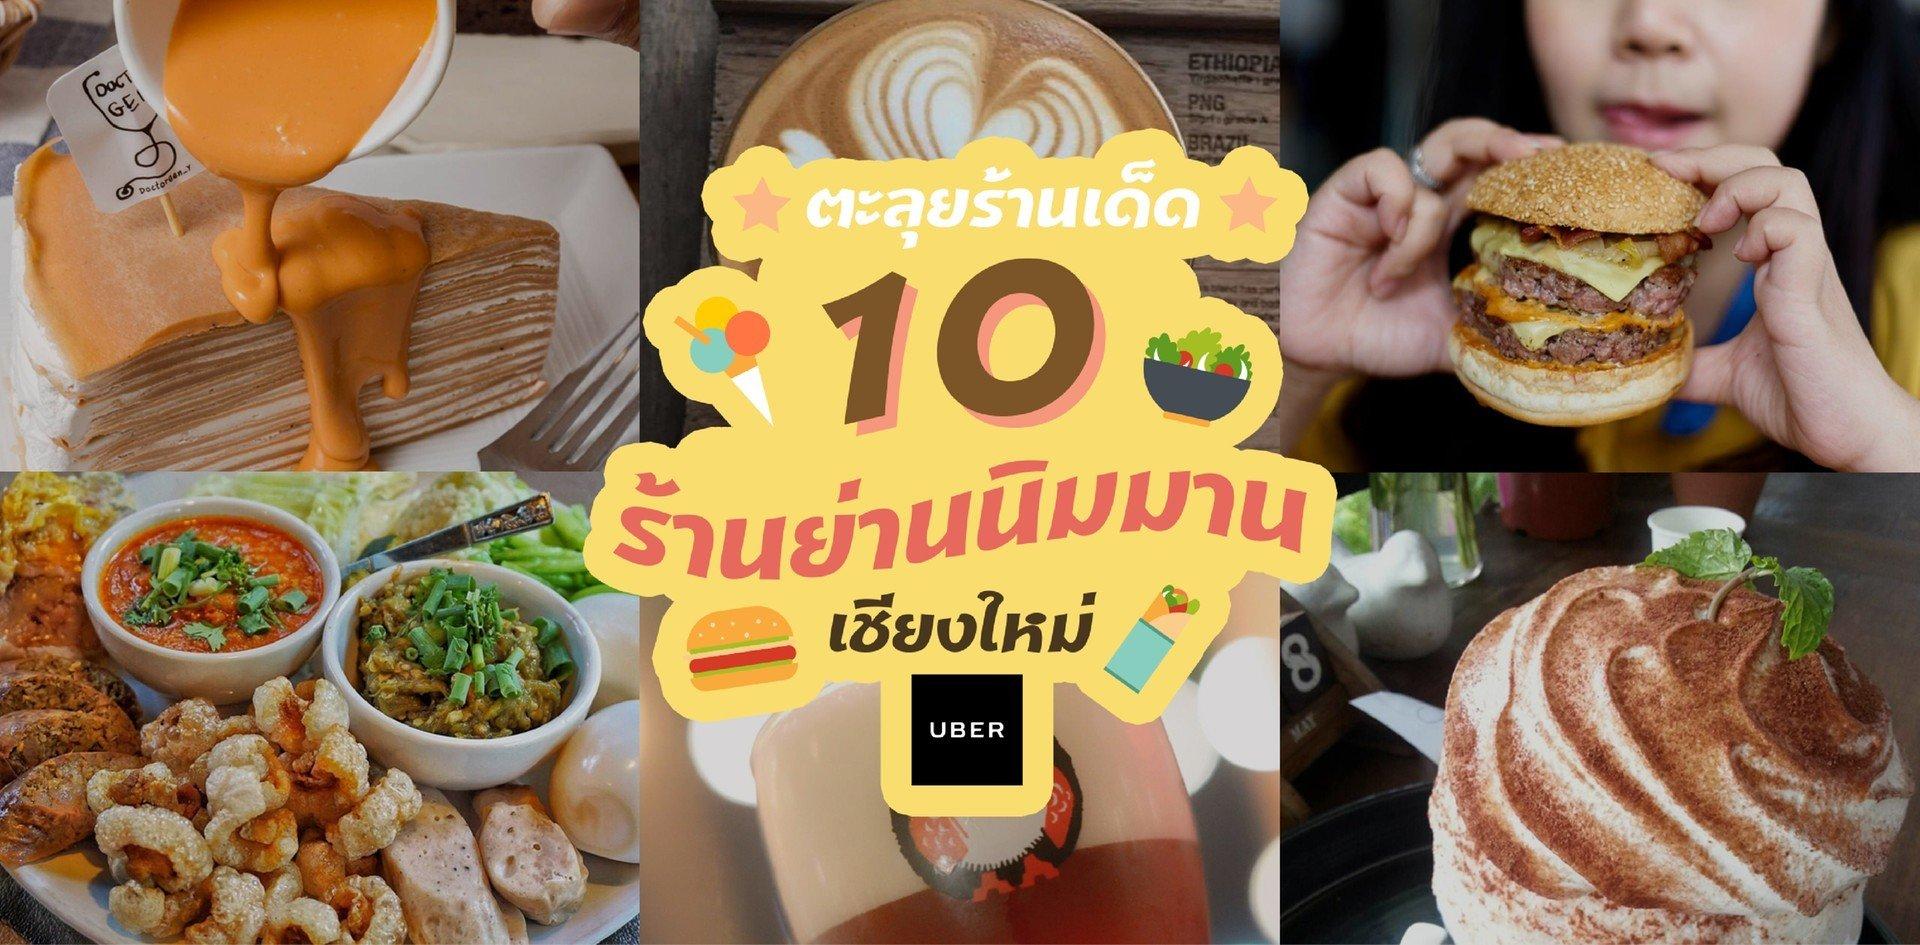 10 ร้านอาหารย่านนิมมาน เชียงใหม่ ตะลุยยาว ๆ กับ Uber